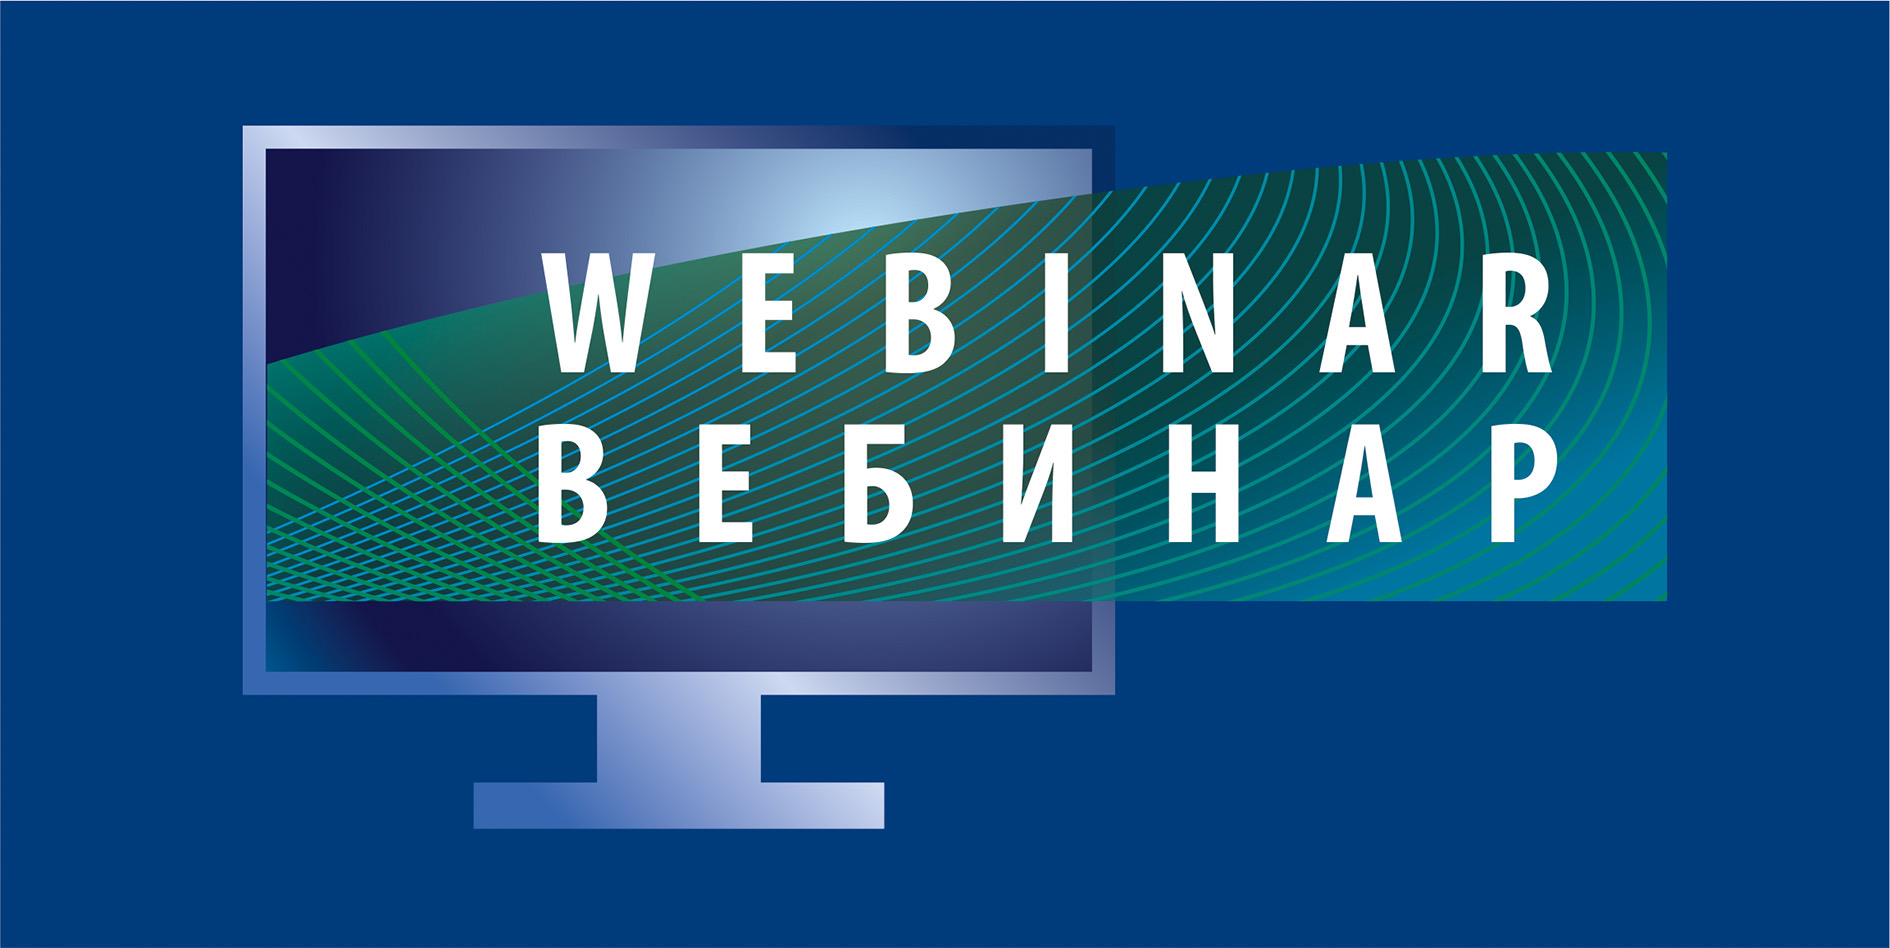 Dự án SkyWay ở Việt Nam | Tóm tắt hội thảo trên Webinar Vladimir Maslov  (thành viên hội đồng quản trị SWC)  ngày 03/06/2021